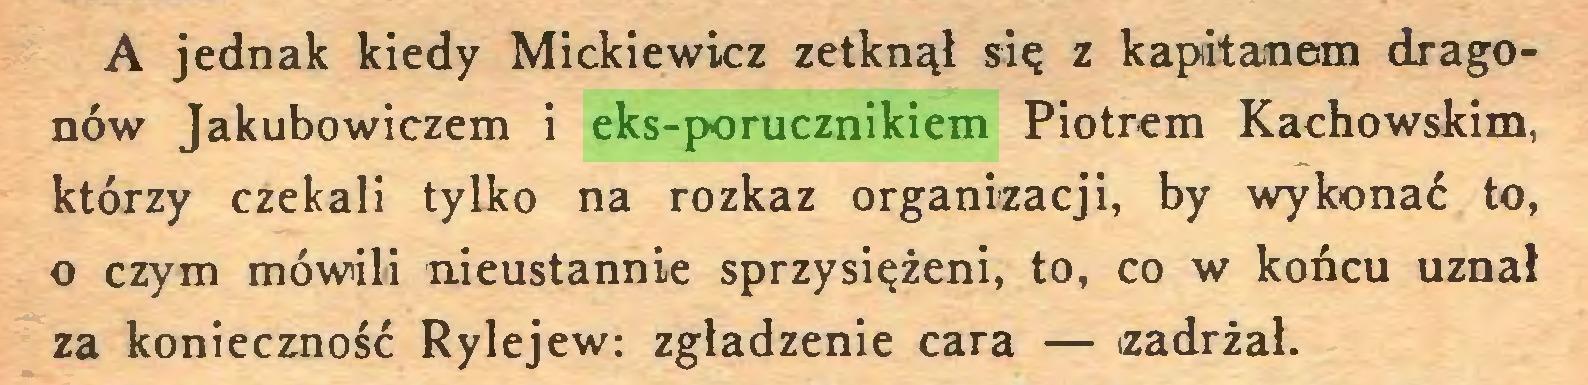 (...) A jednak kiedy Mickiewicz zetknął się z kapitanem dragonów Jakubowiczem i eks-porucznikiem Piotrem Kachowskim, którzy czekali tylko na rozkaz organizacji, by wykonać to, o czym mówili nieustannie sprzysiężeni, to, co w końcu uznał za konieczność Rylejew: zgładzenie cara — zadrżał...